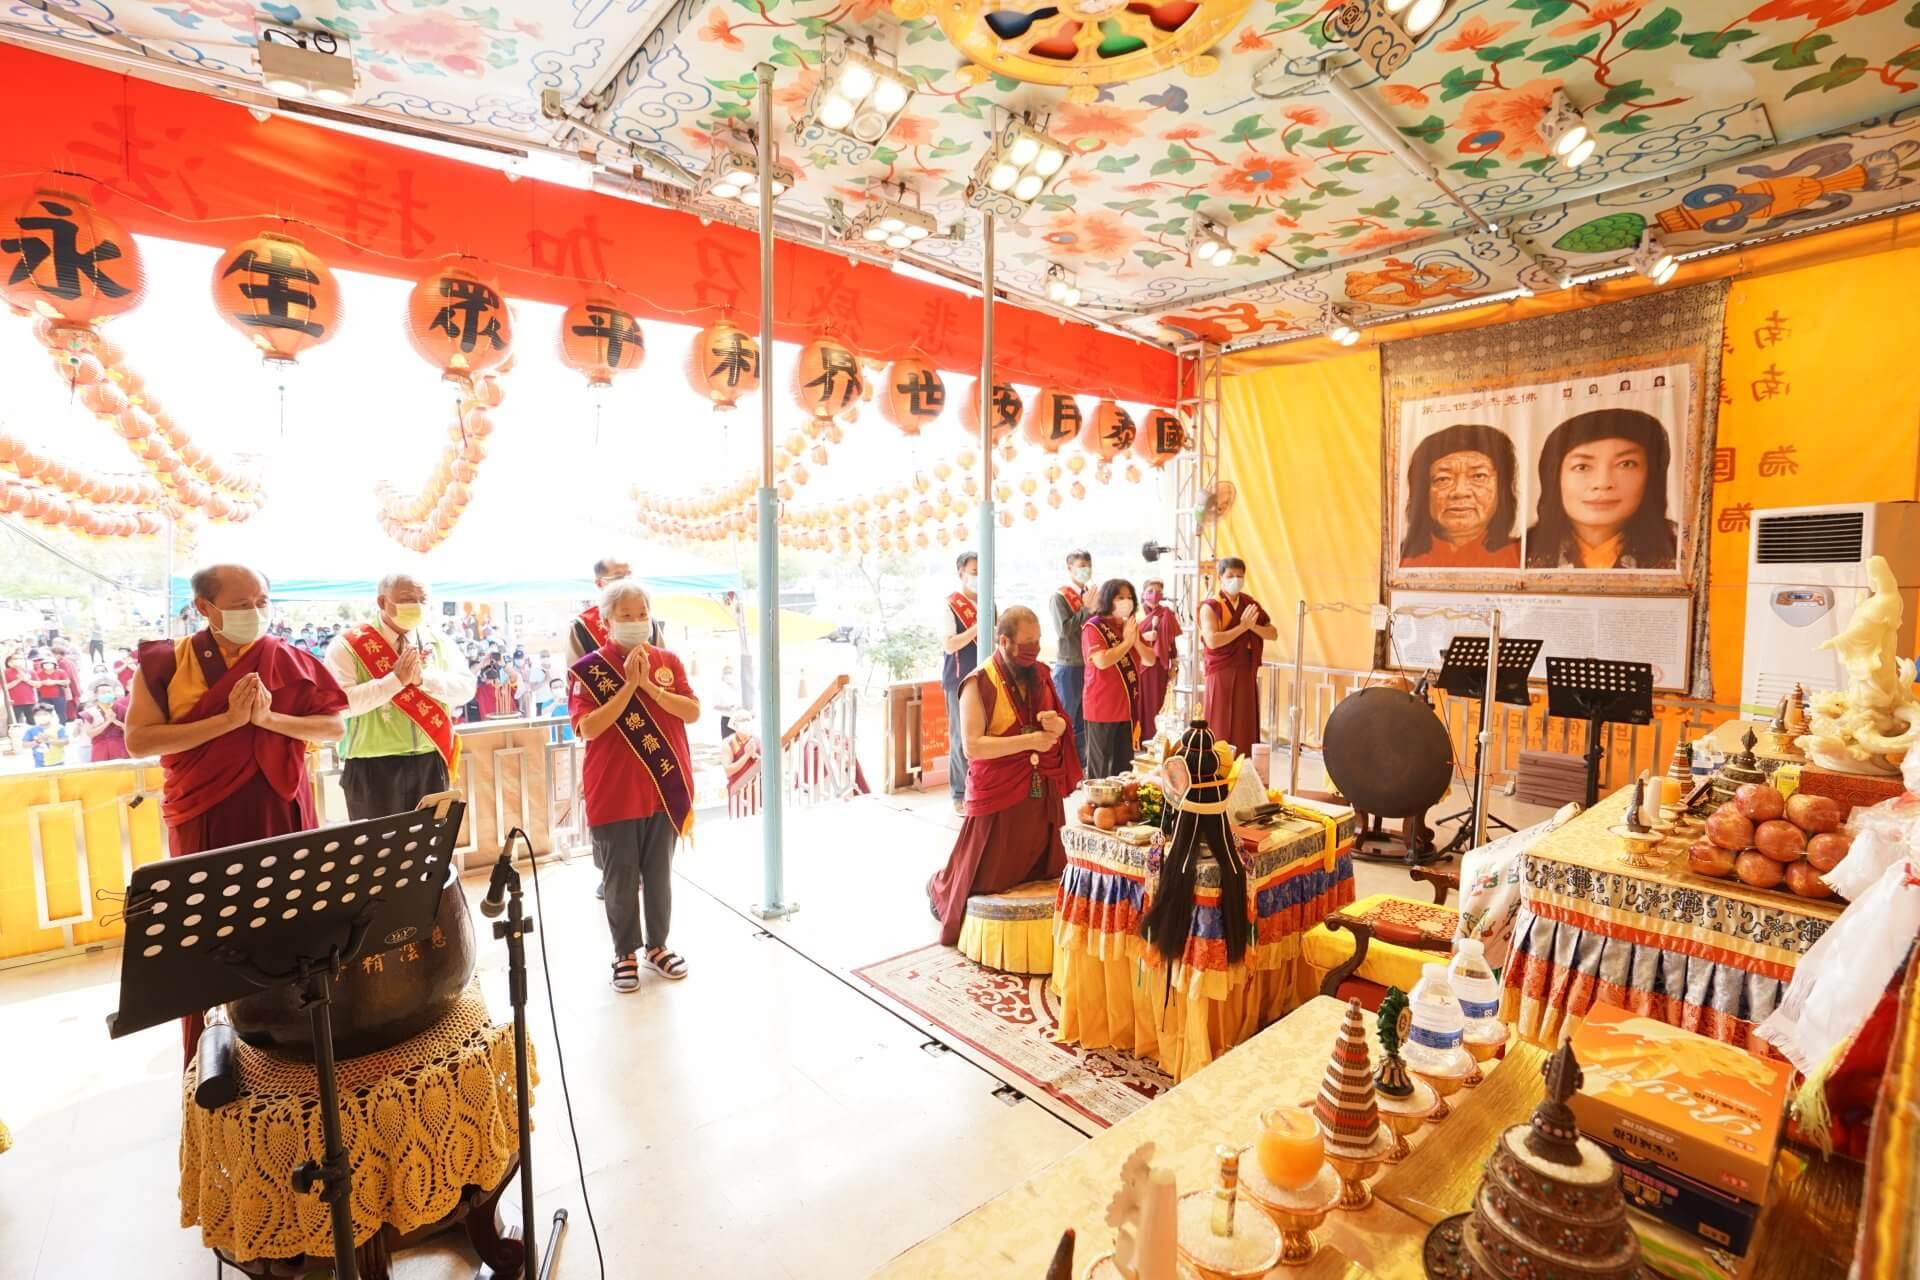 行動佛殿130站台南大興公園,觀音大悲感召加持法會,帶領貴賓頂禮諸佛菩薩